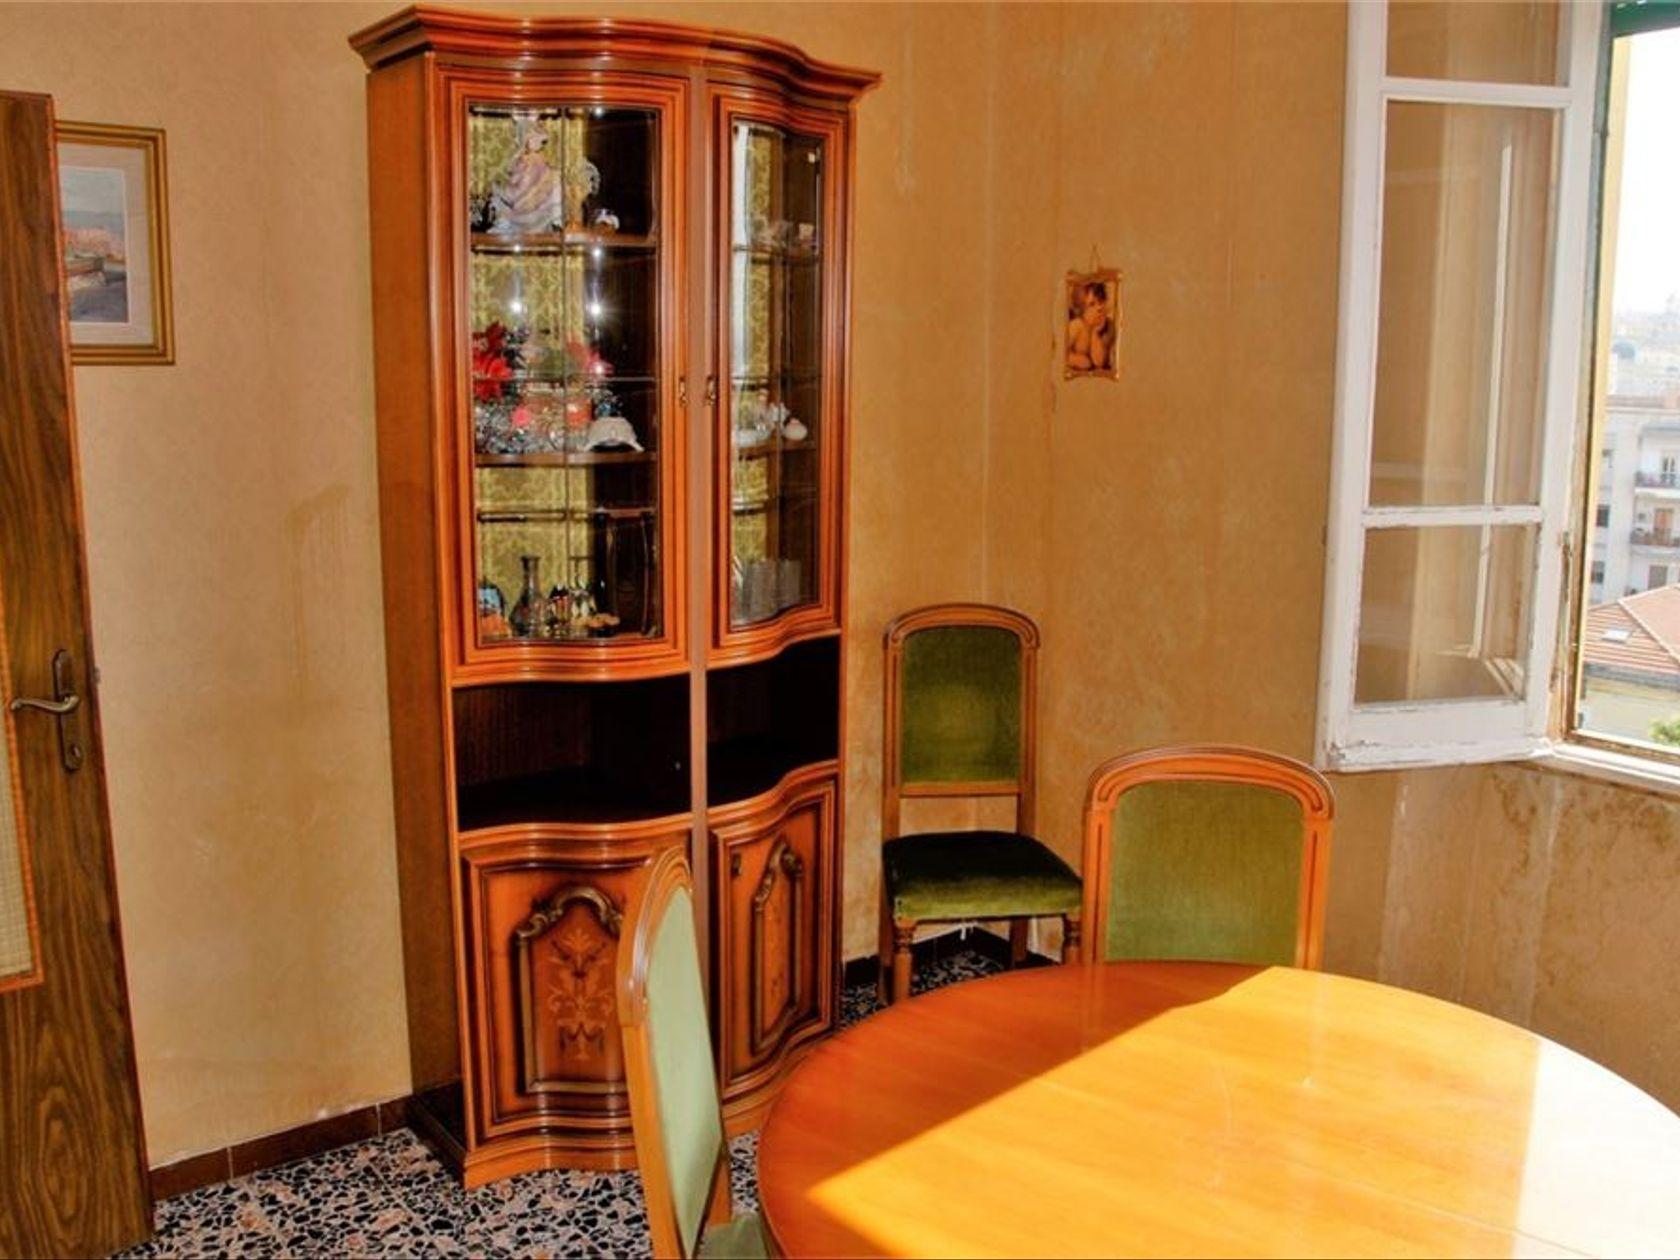 Appartamento Cagliari-punici-merello, Cagliari, CA Vendita - Foto 13